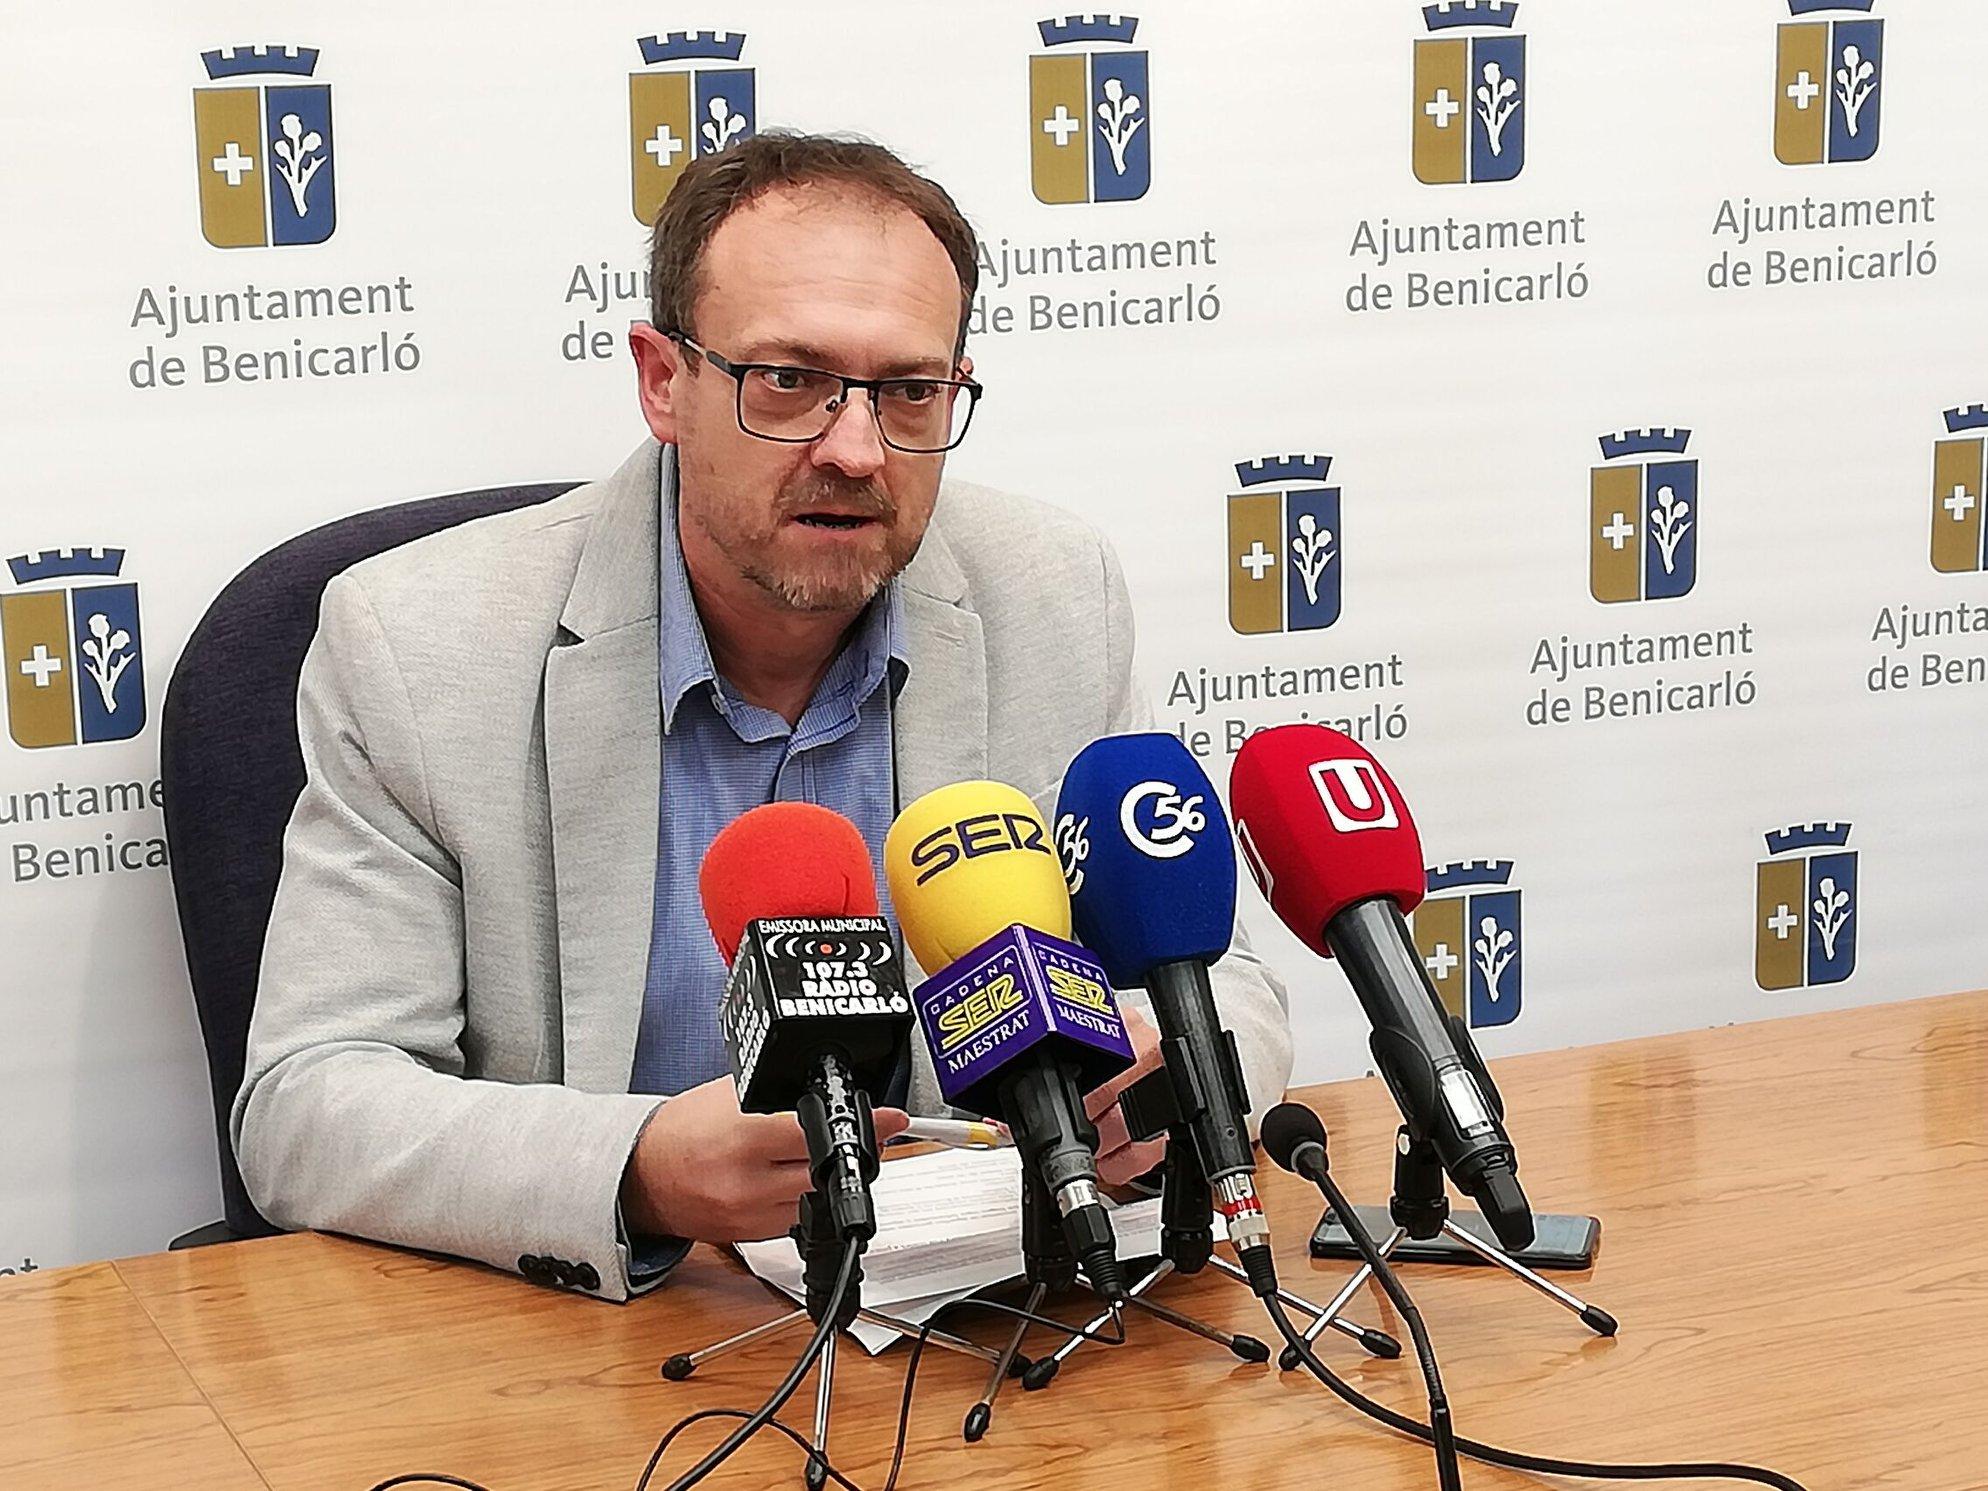 Benicarló; L'Ajuntament de Benicarló contractarà 6 persones desocupades majors de 30 anys